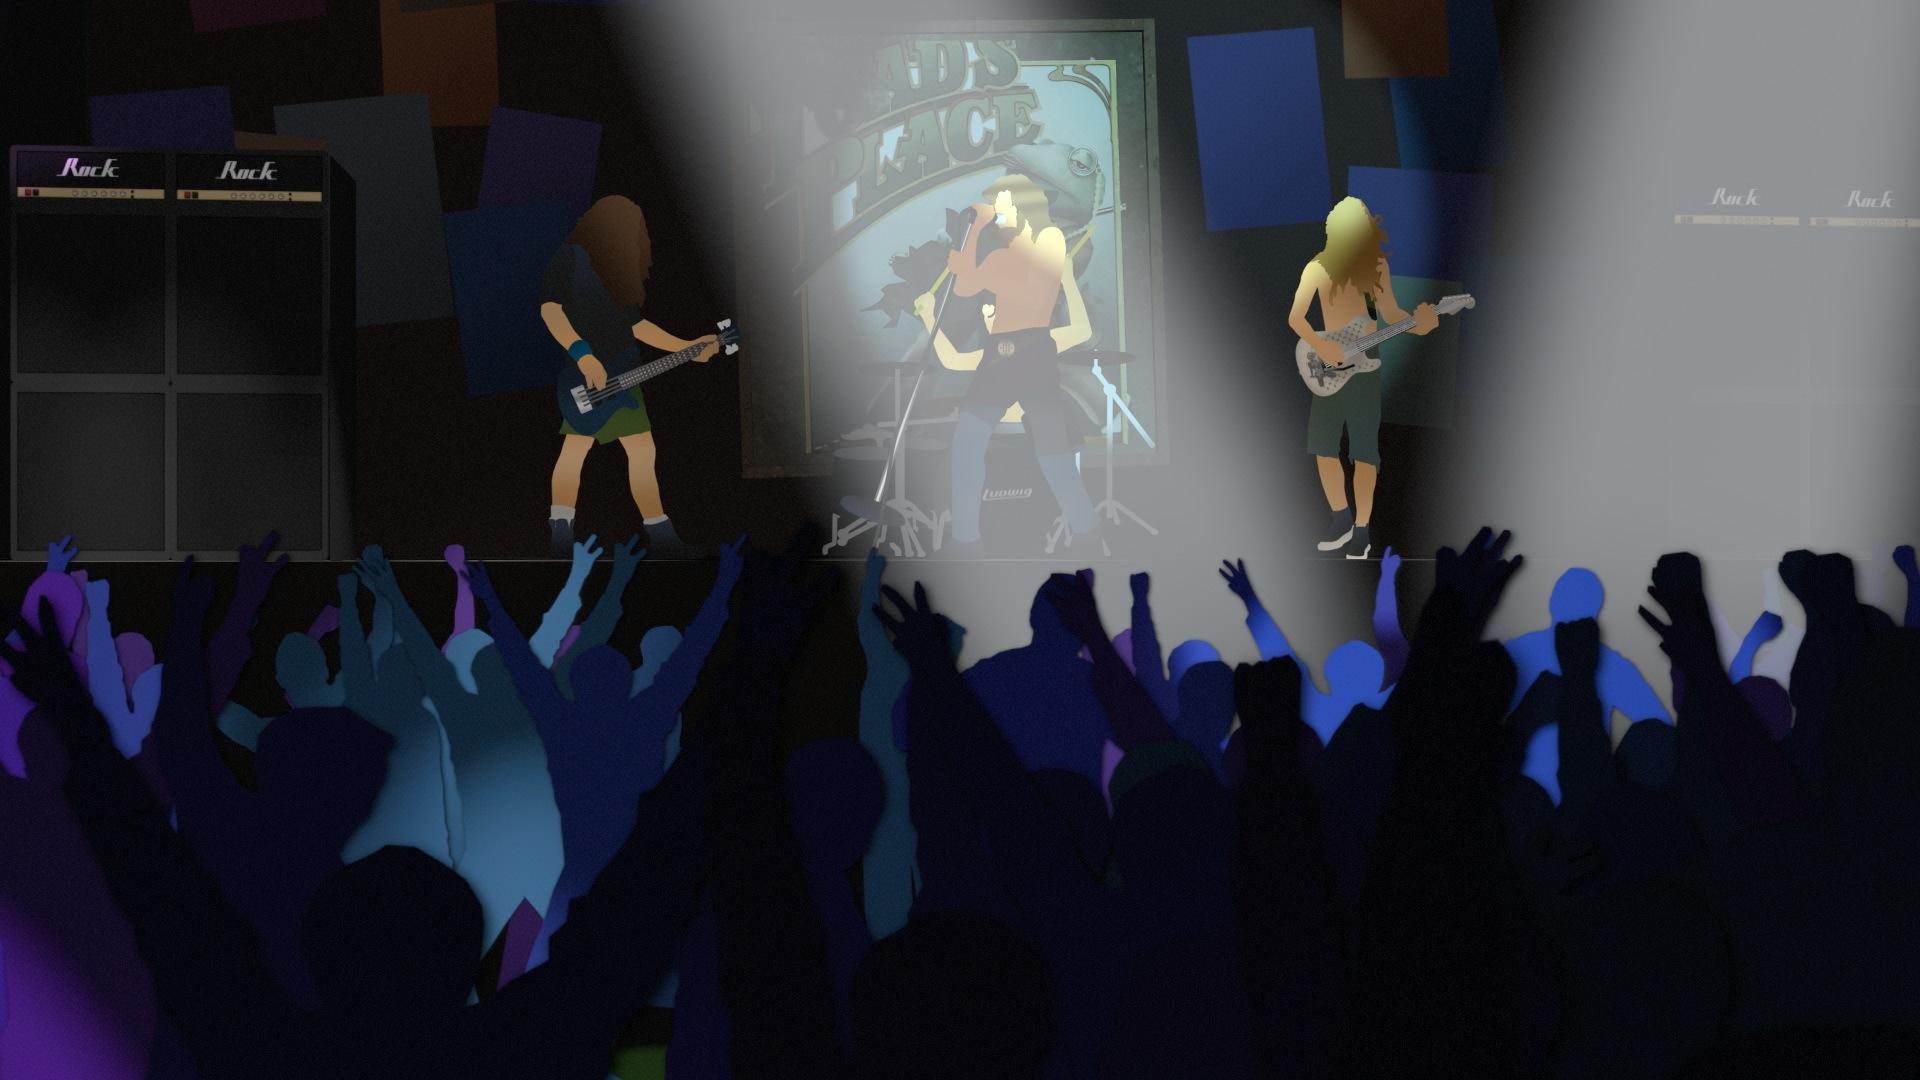 Behind the Scenes: Rock Concert Regenesis